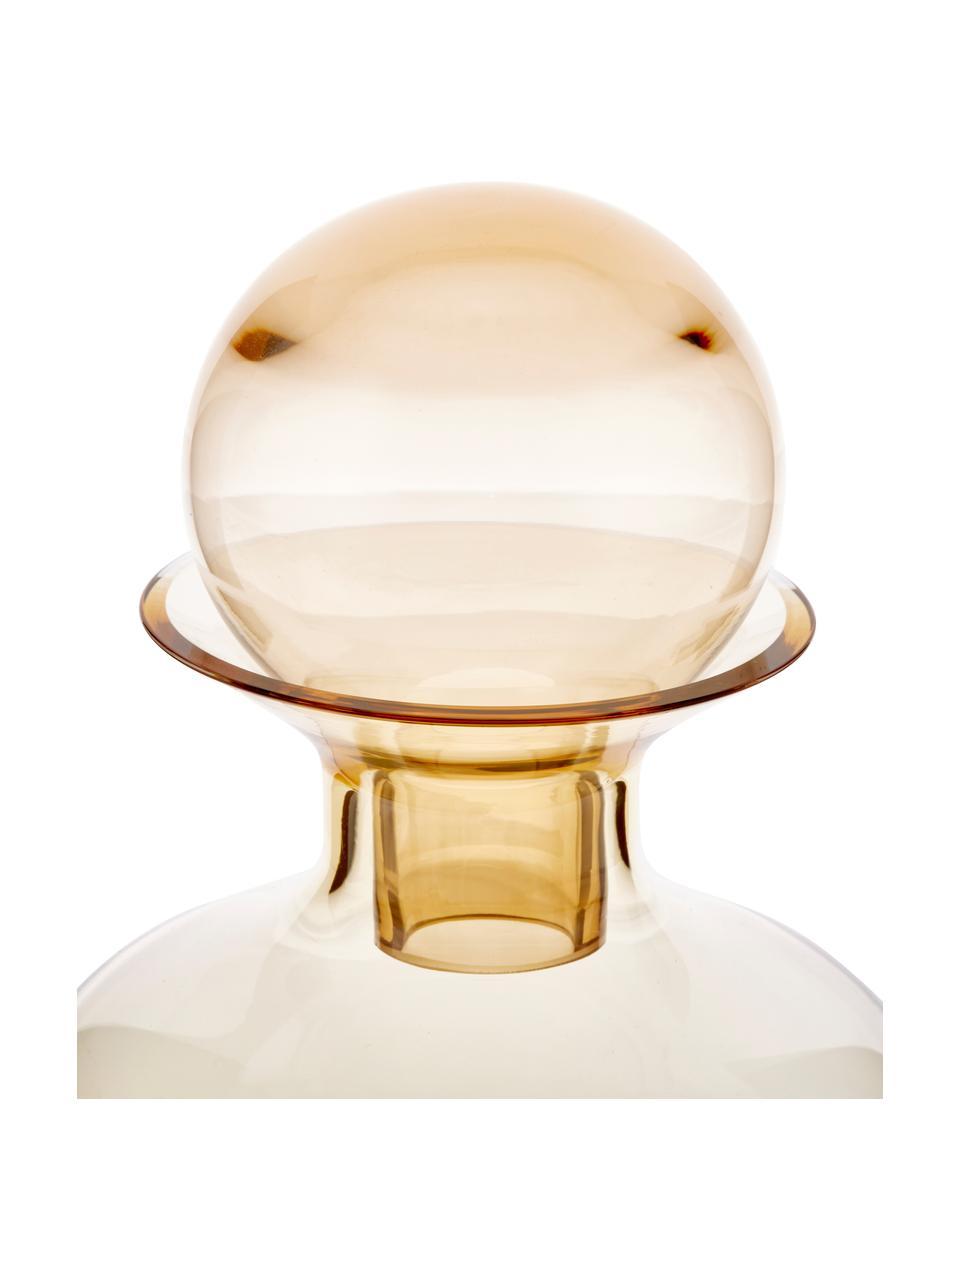 Caraffa in vetro fatta a mano Colored, 1.5 L, Vetro, Ambra trasparente, Alt. 25 cm